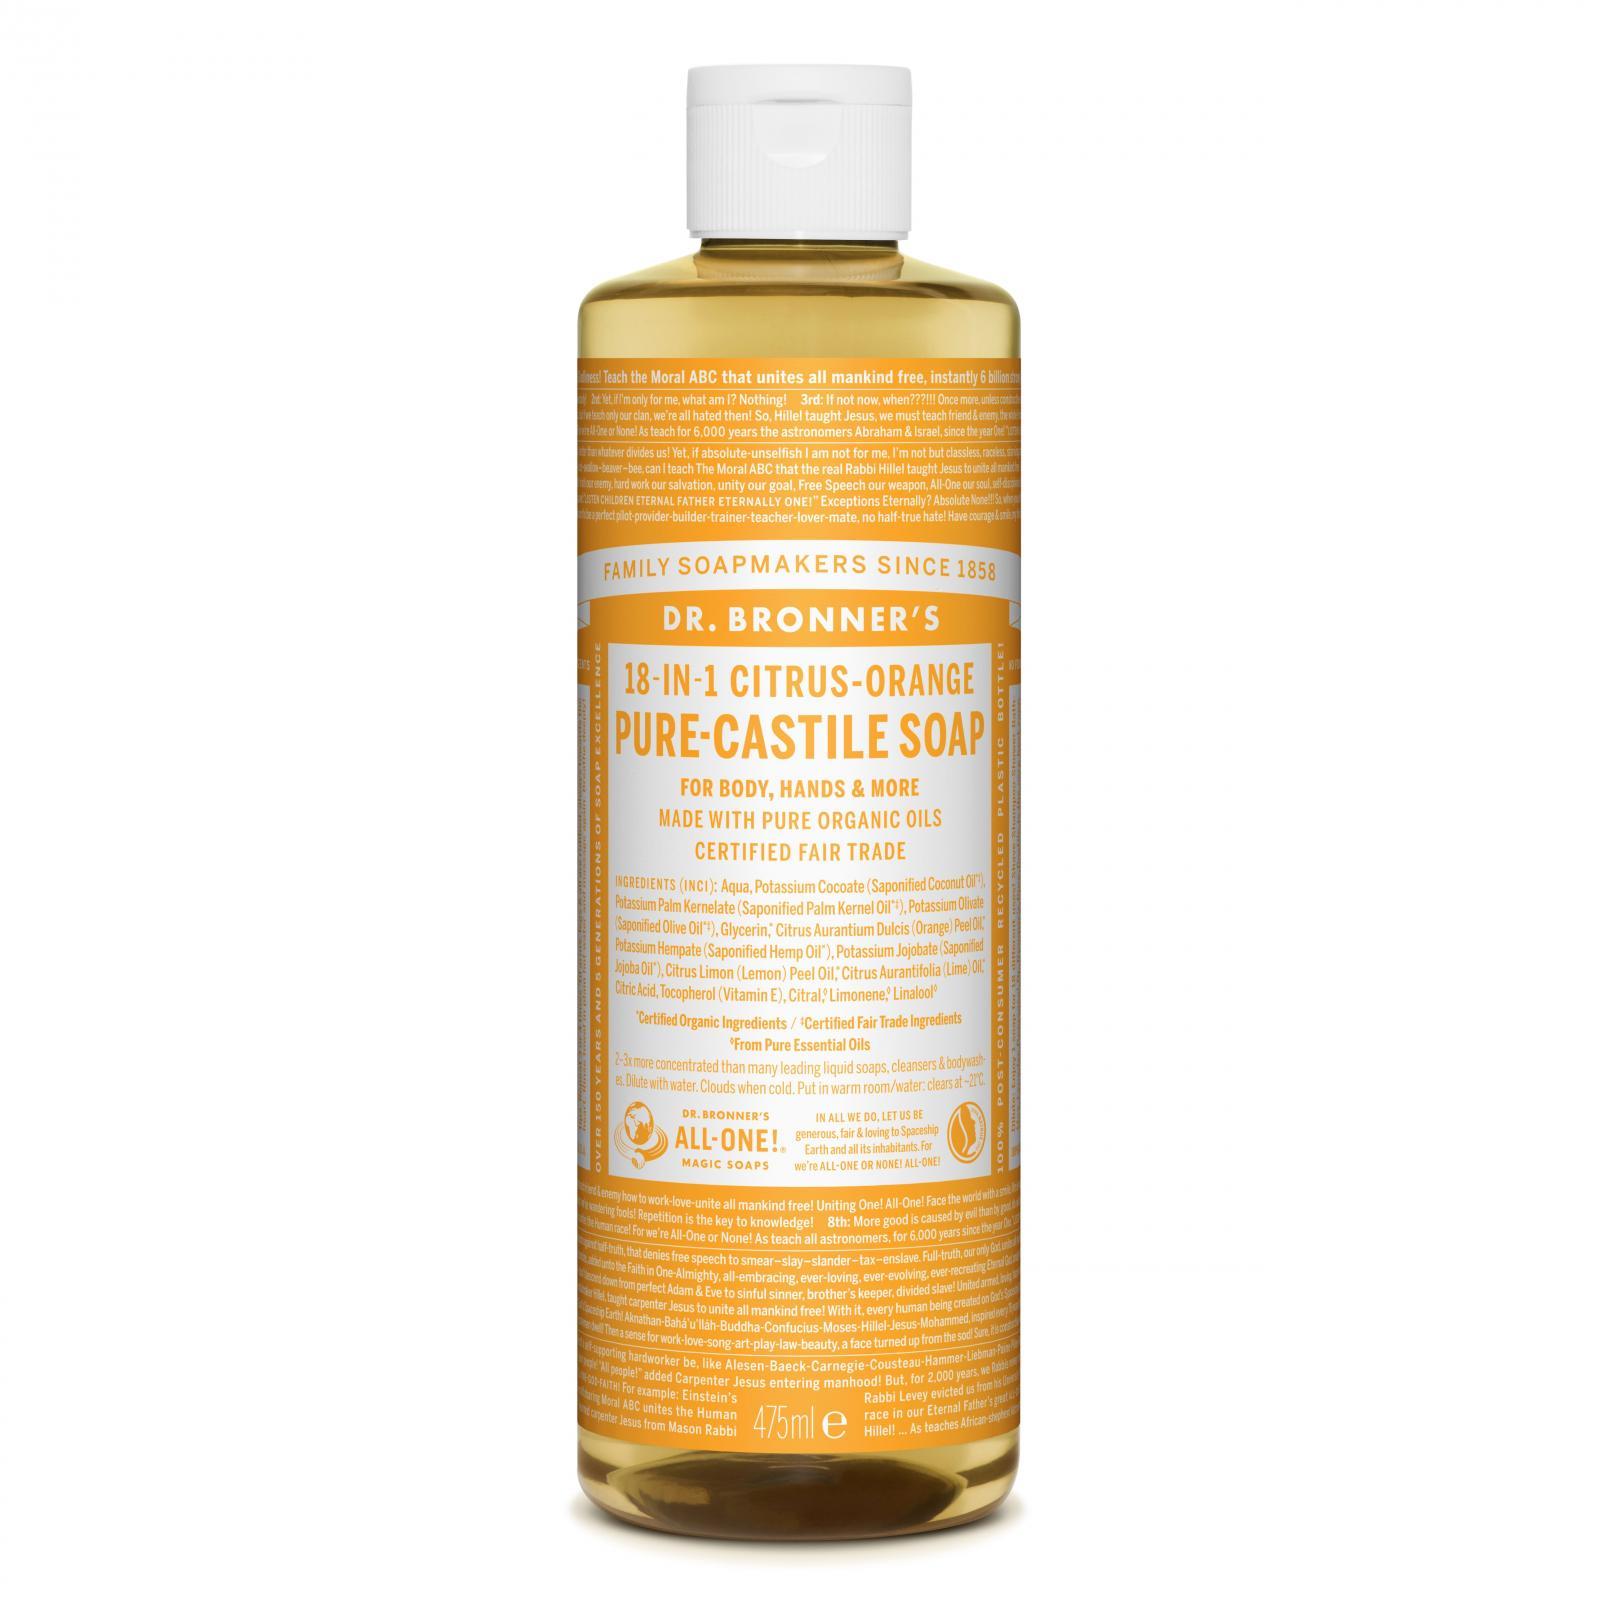 Dr. Bronner's Tekuté universální mýdlo ALL-ONE!, Citrus-Orange 475 ml